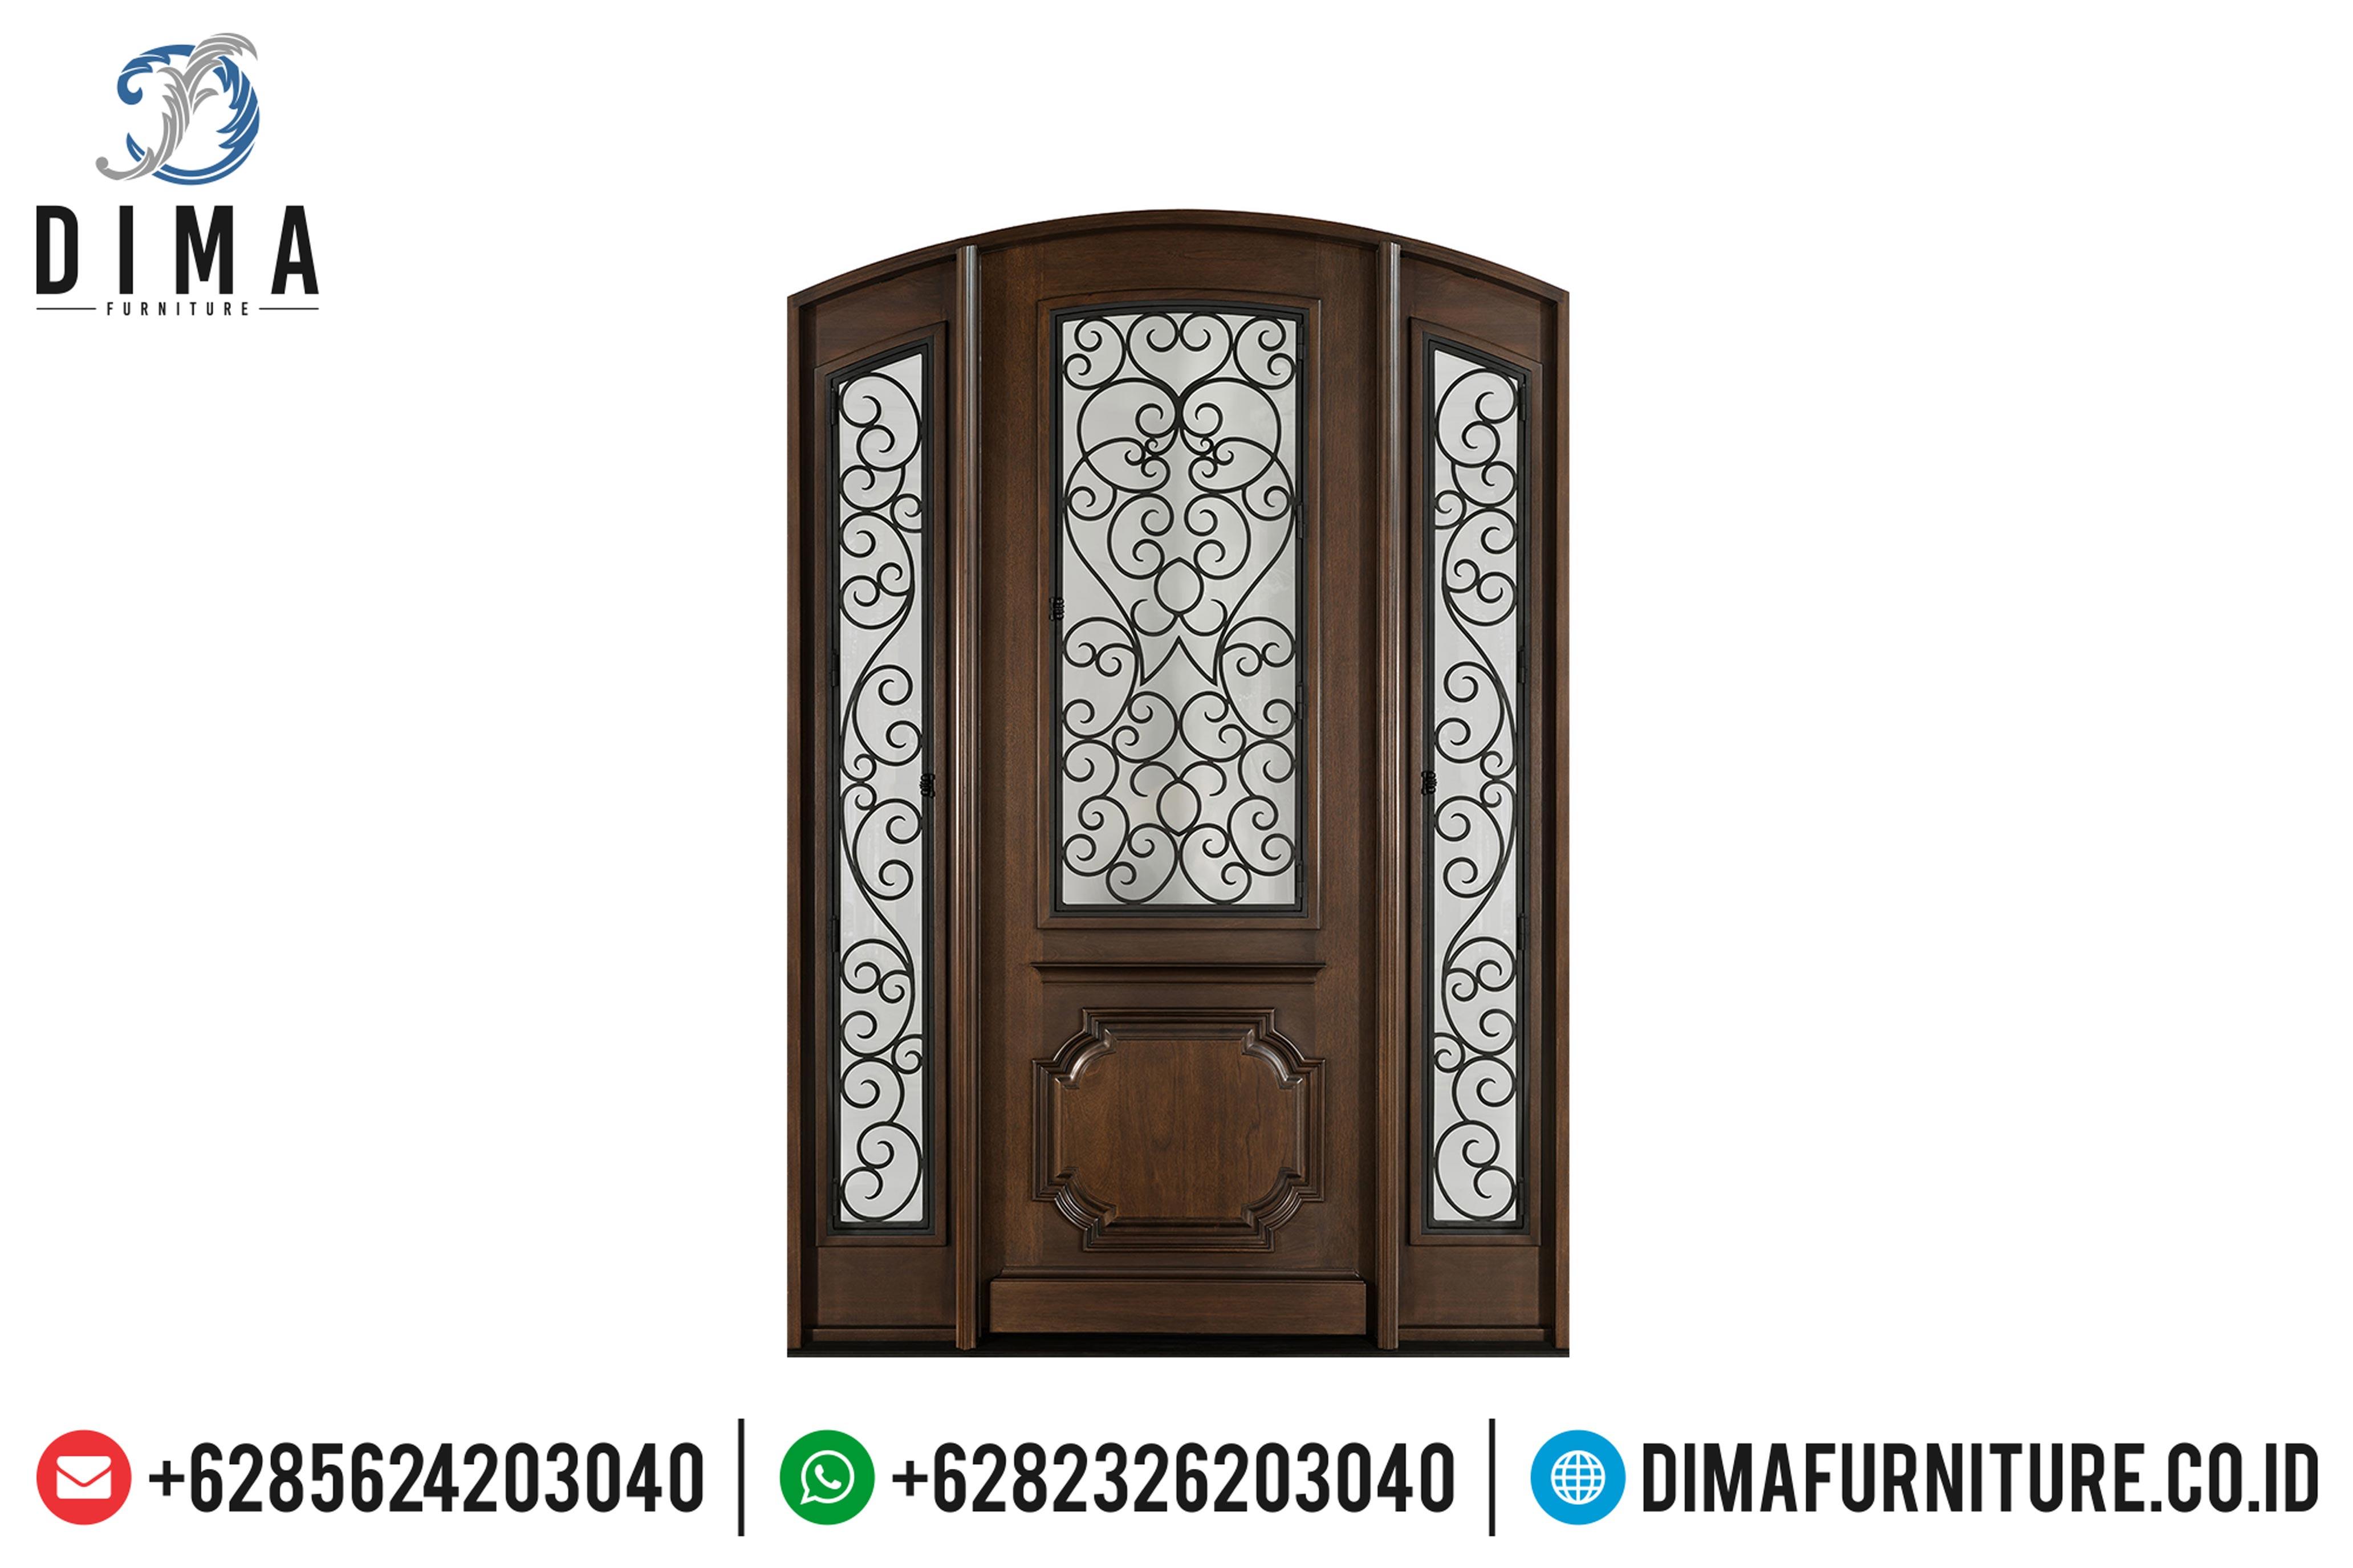 Model Kusen Pintu Rumah Jati Jepara Minimalis Mewah Terbaru MMJ-0057